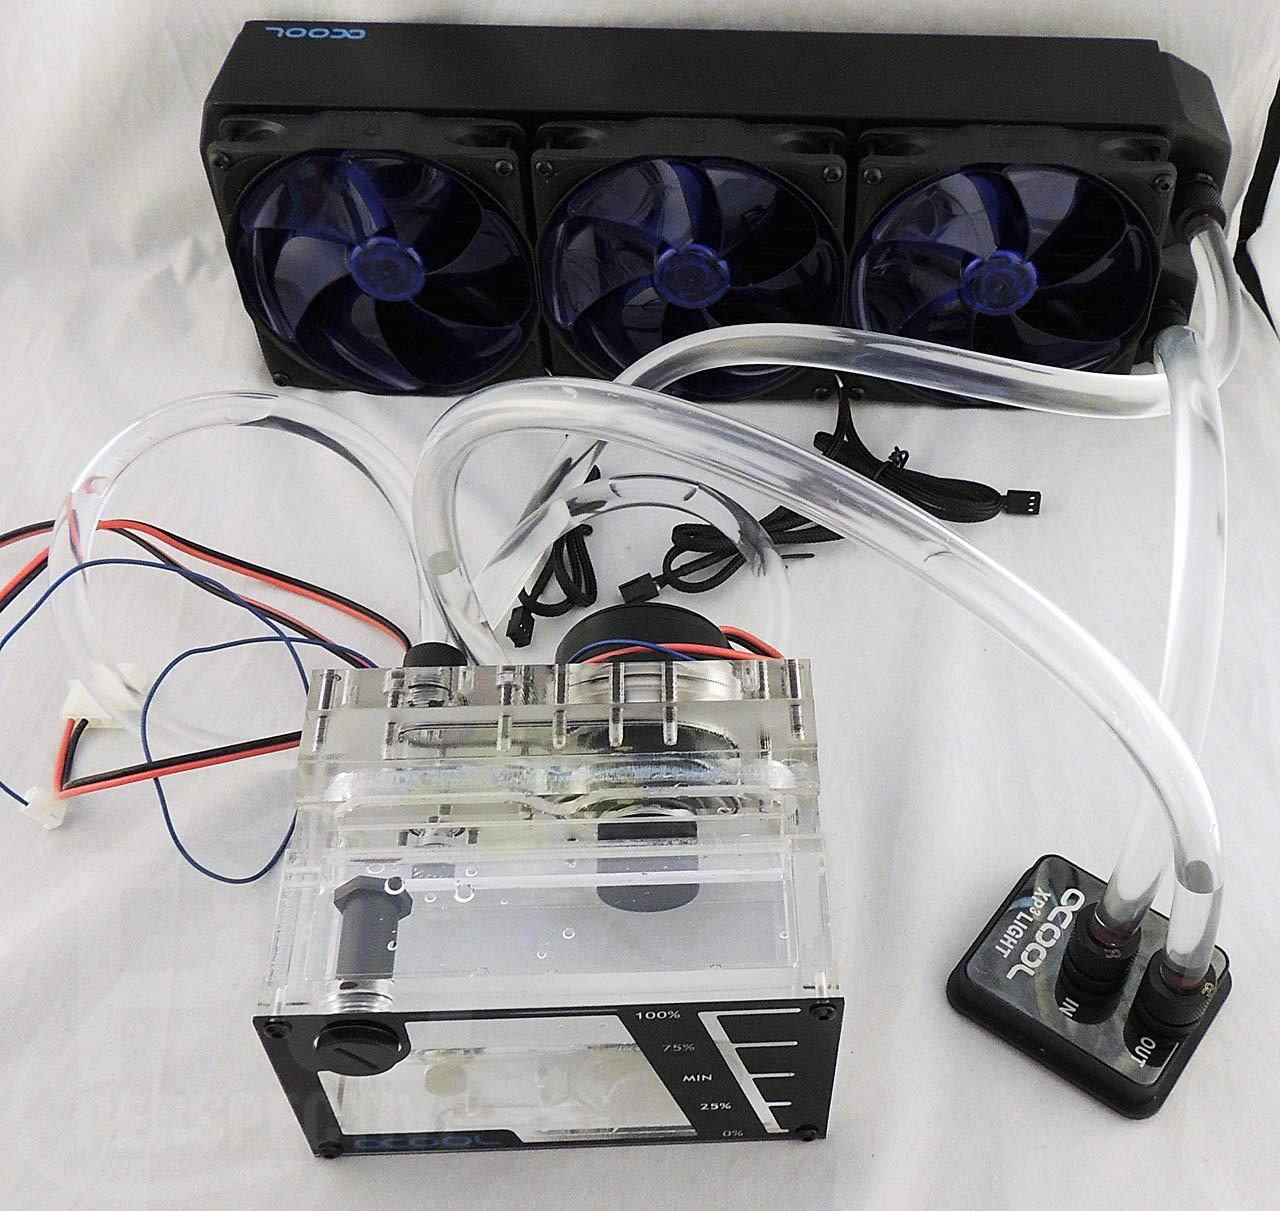 02-kit-assembled-full-profile.jpg